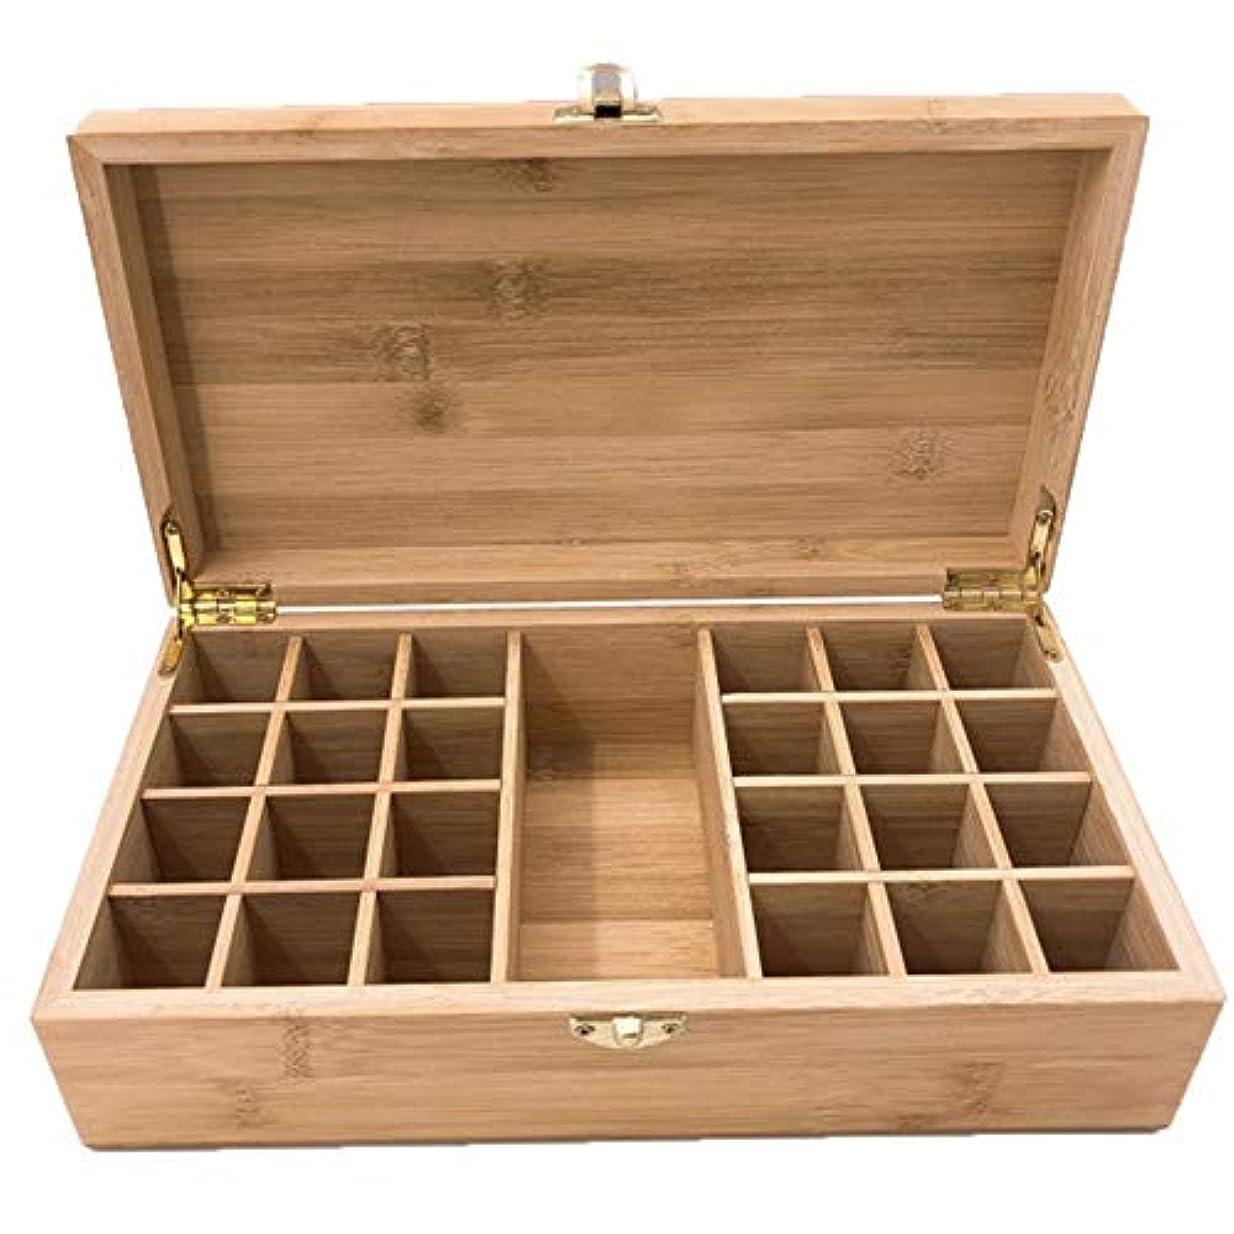 土アライメント灌漑アロマセラピー収納ボックス 安全な保管とエッセンシャルオイルの表示の主催木材店25本のボトルが収納ボックスを運びます エッセンシャルオイル収納ボックス (色 : Natural, サイズ : 27.5X15X8.3CM)